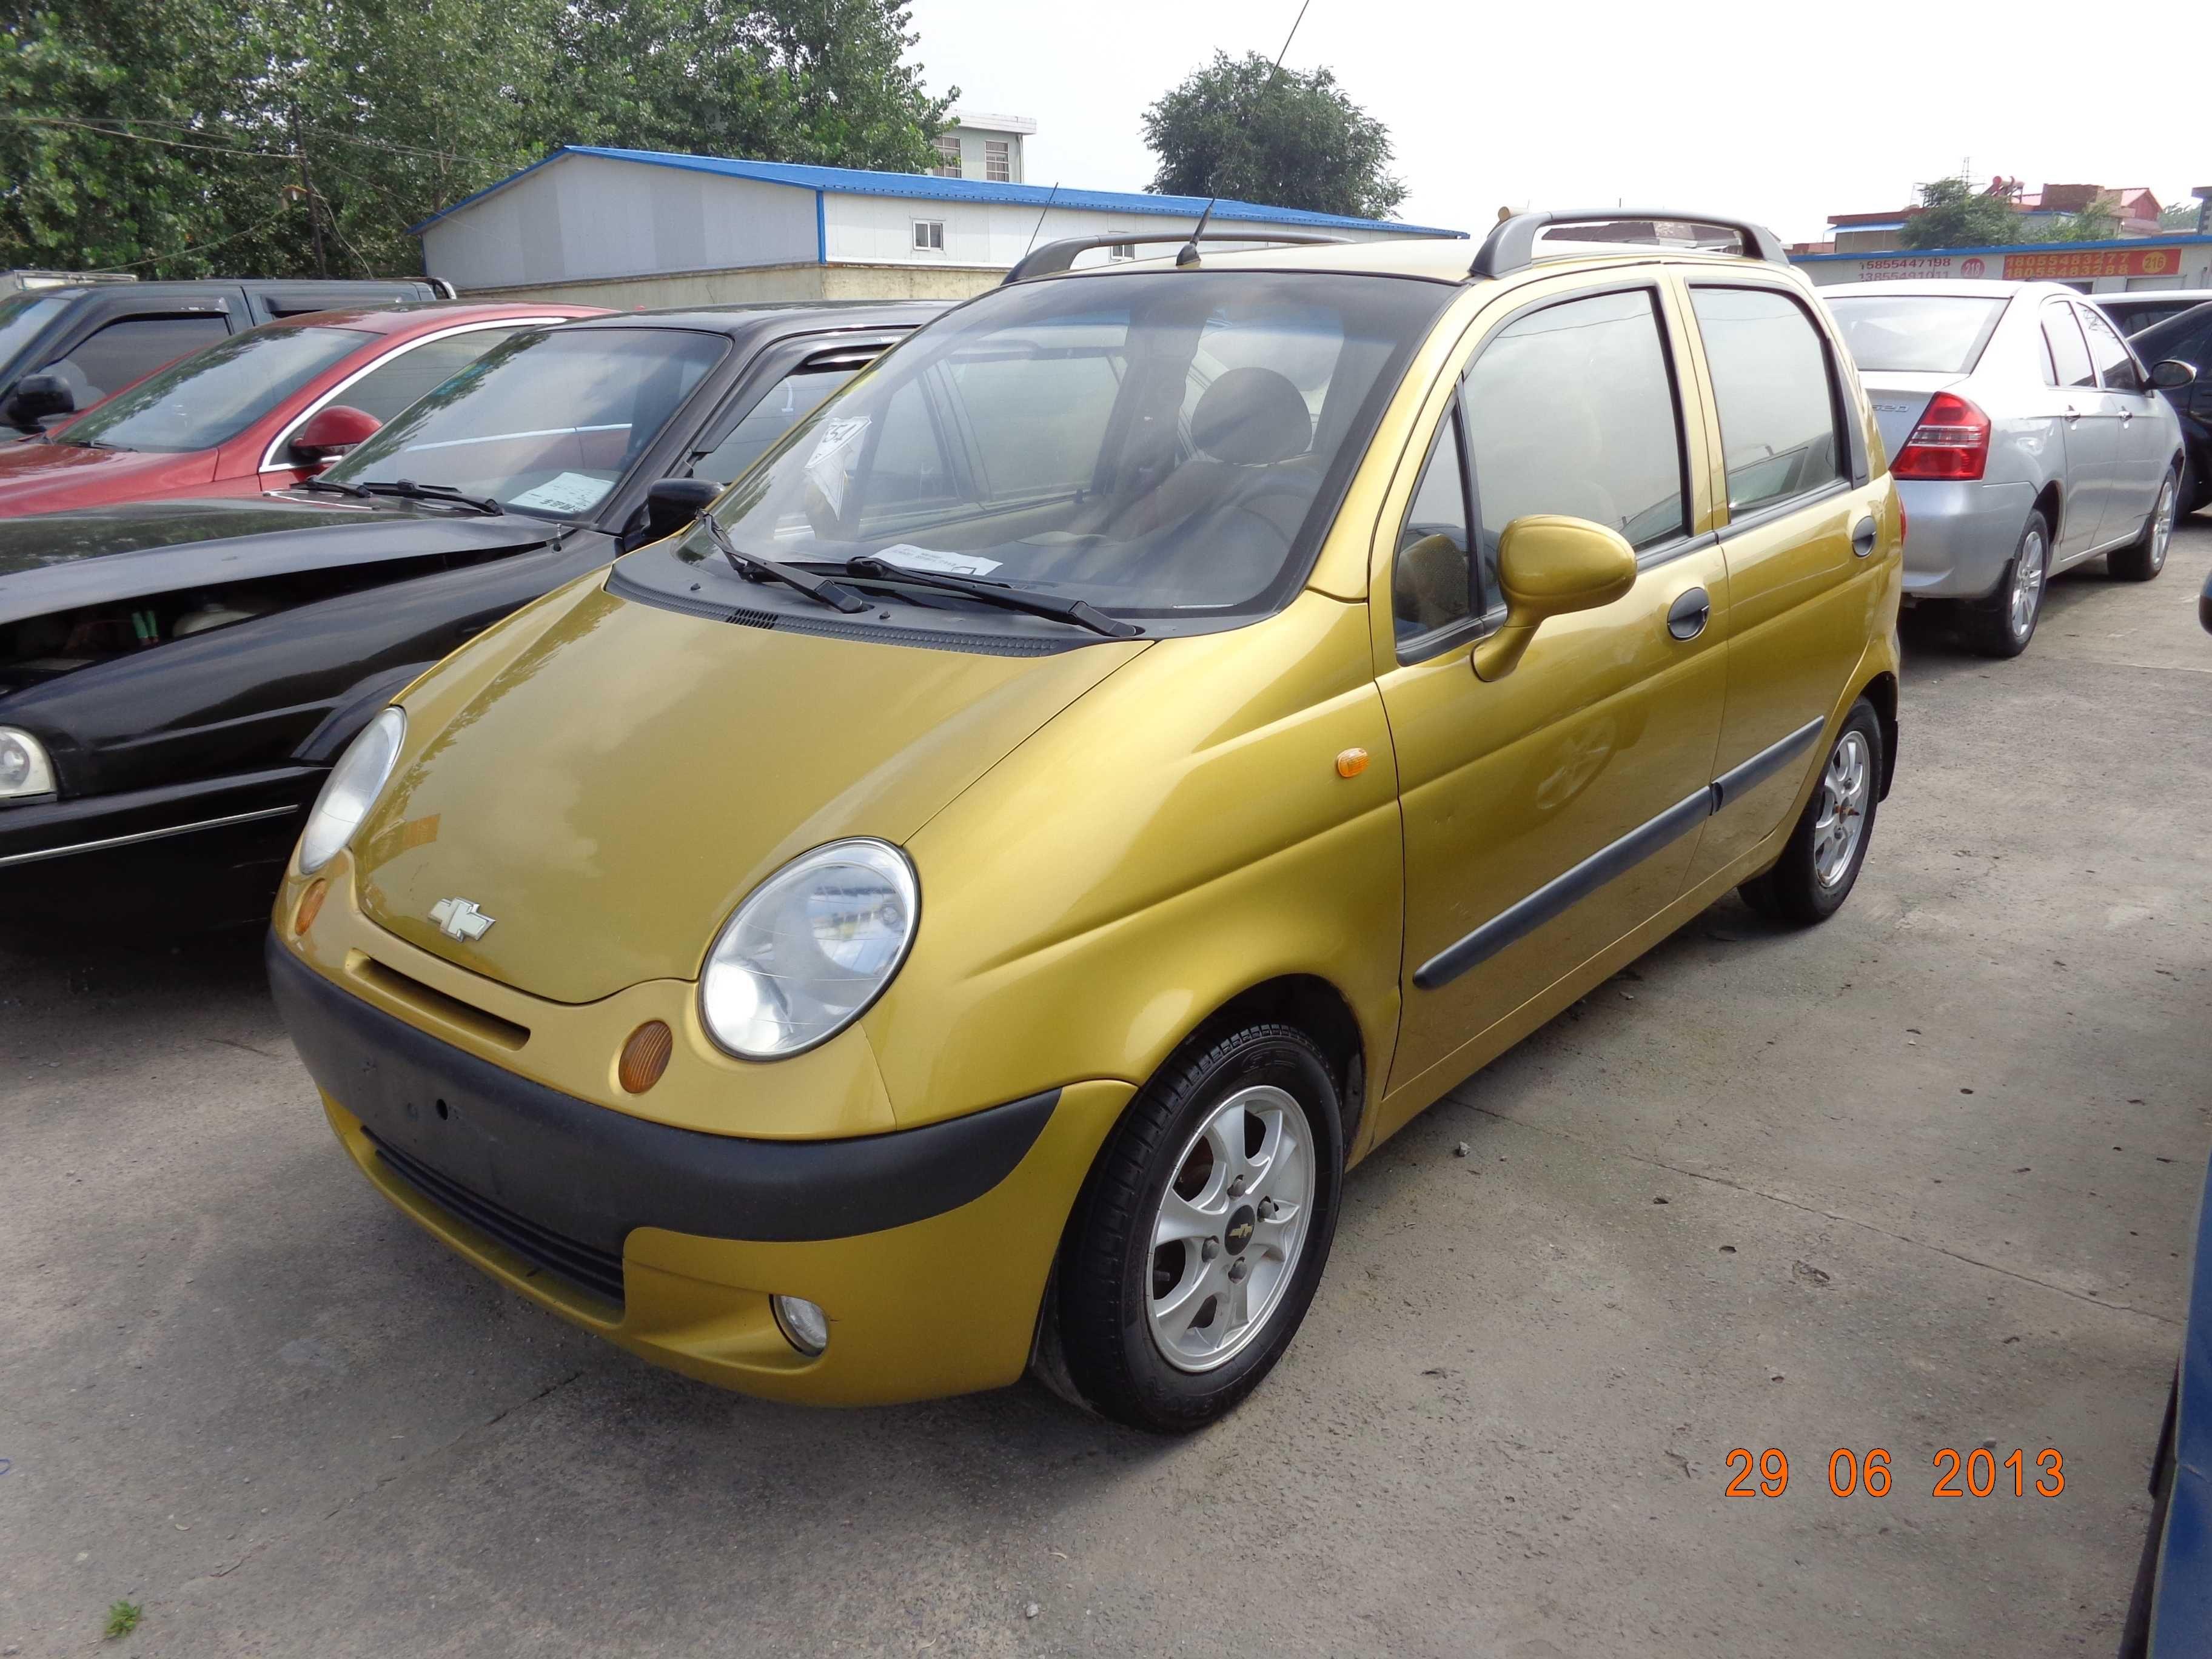 安徽2至4万二手雪佛兰微型车价格 安徽雪佛兰微型车二手车交易网 第高清图片